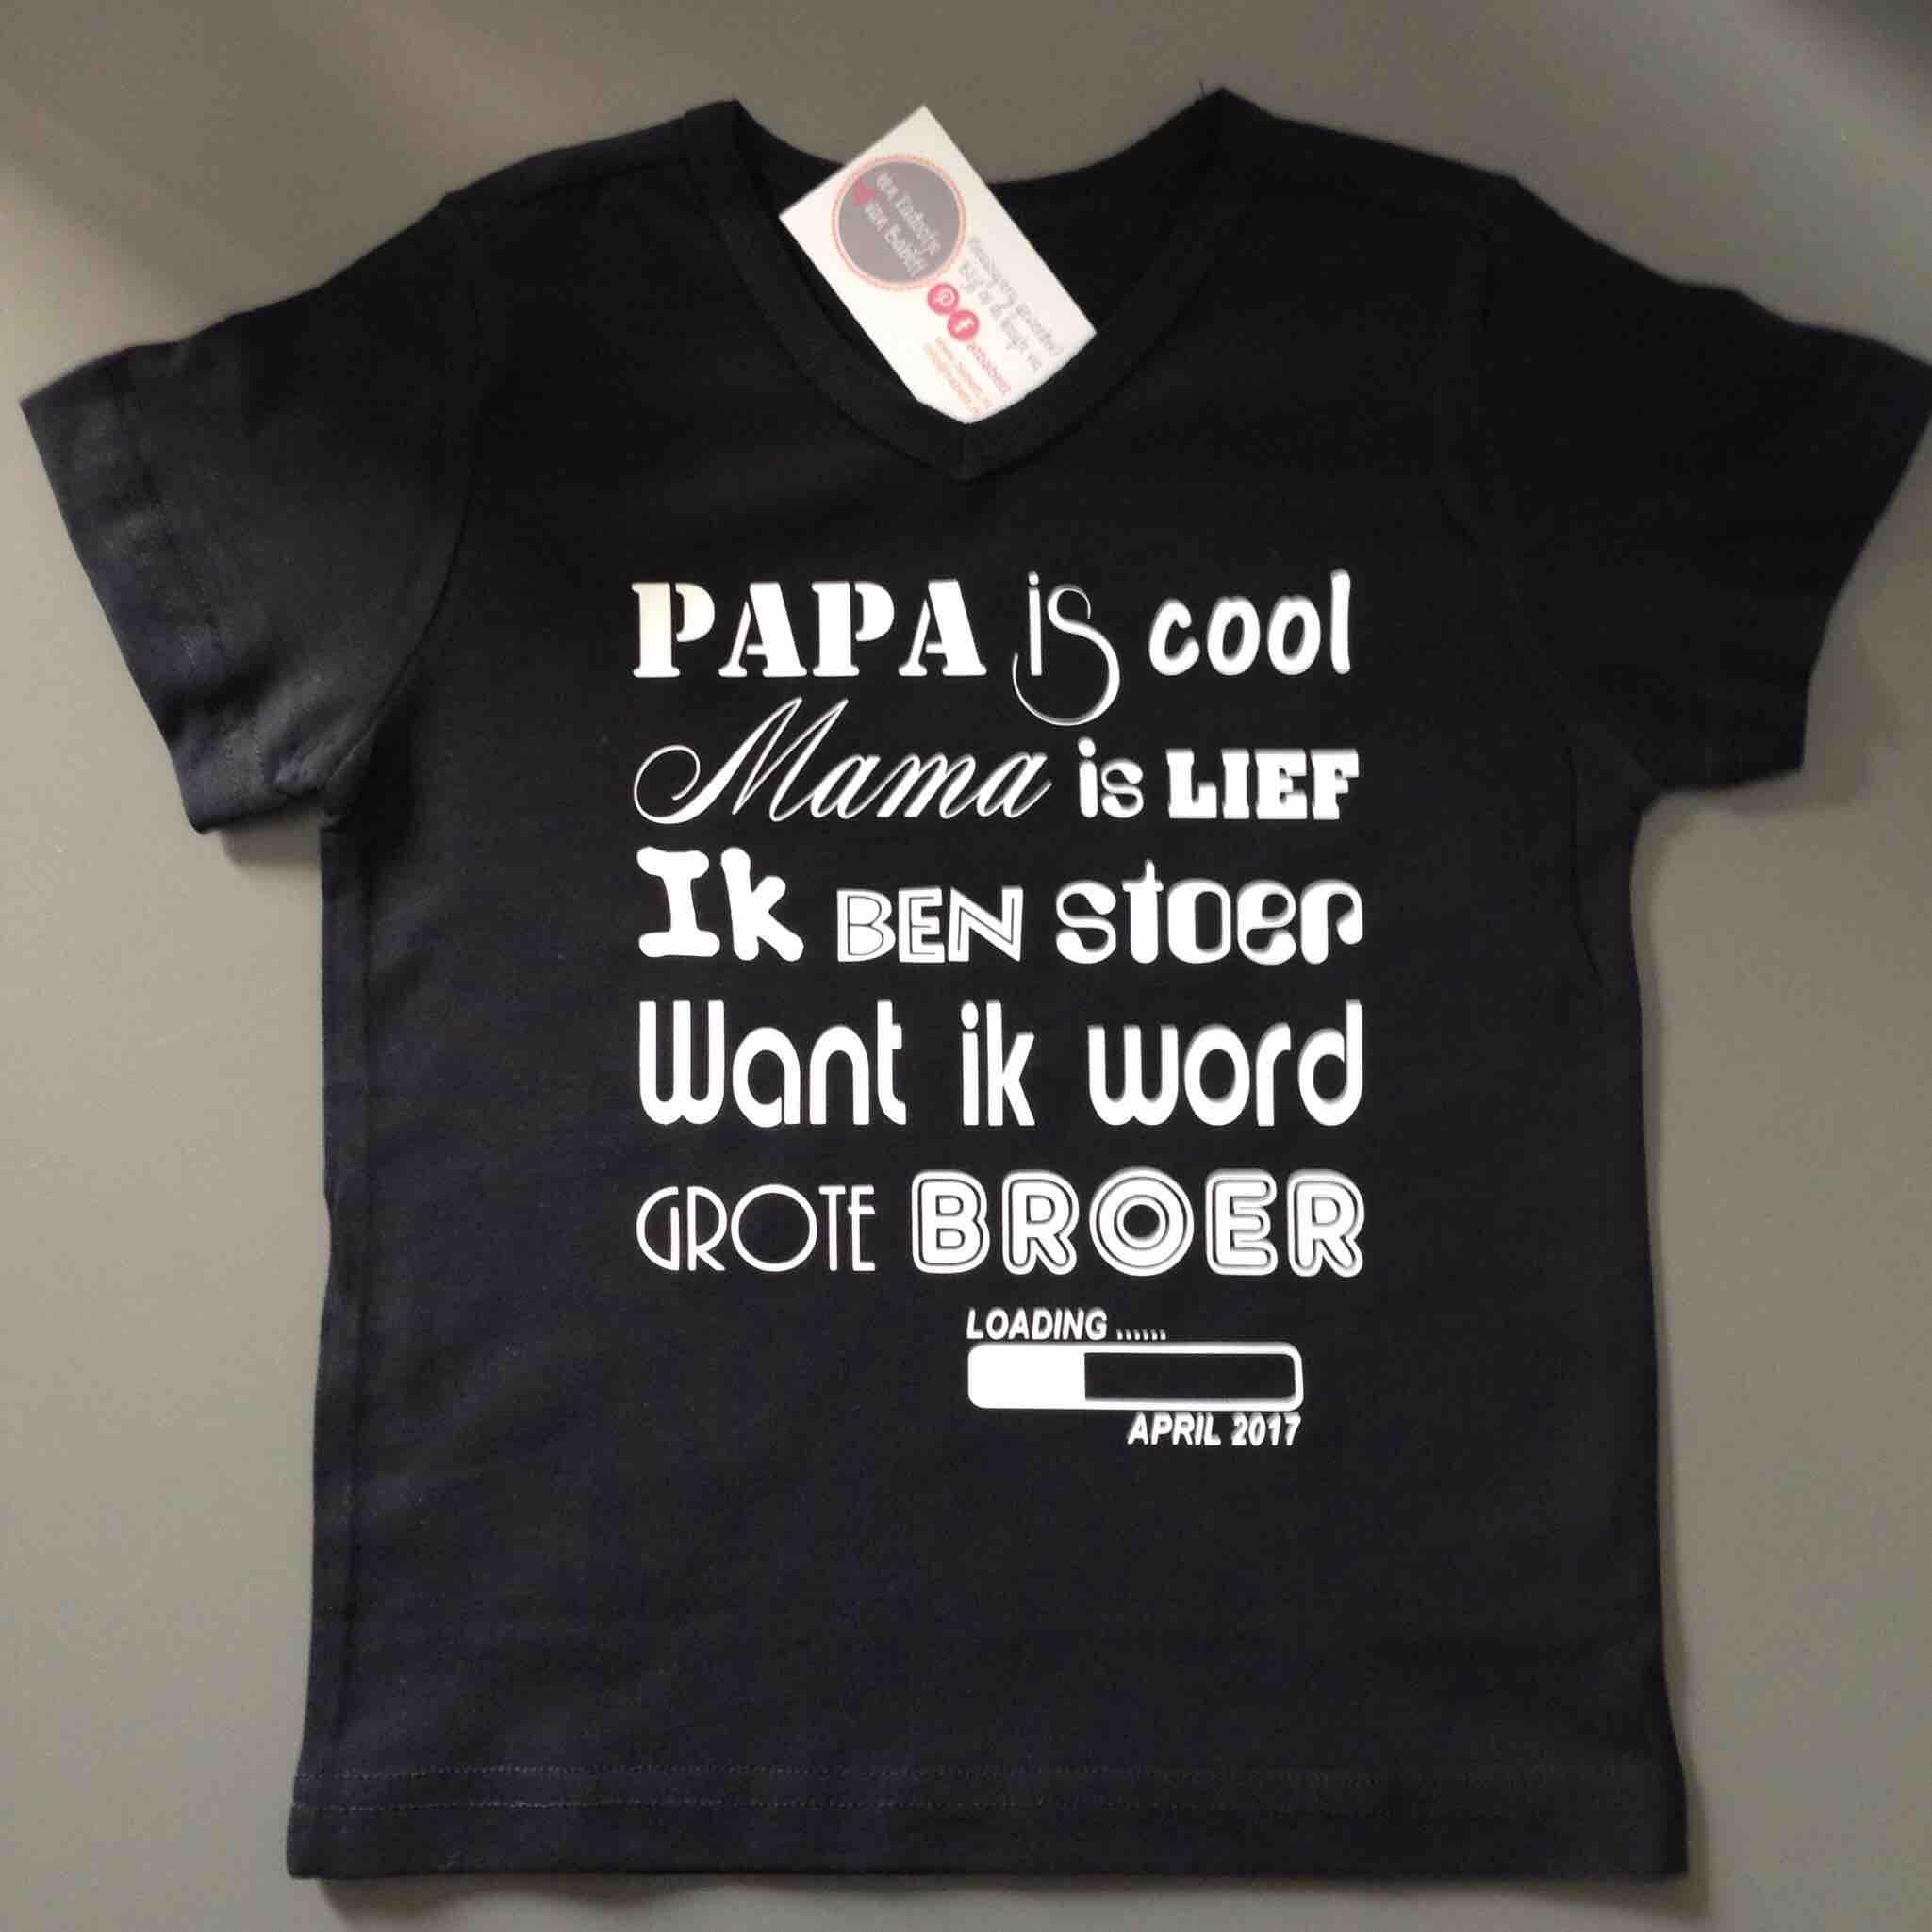 Genoeg T-shirt – ik word grote broer/zus | Babett | Gespecialiseerd in #GK18